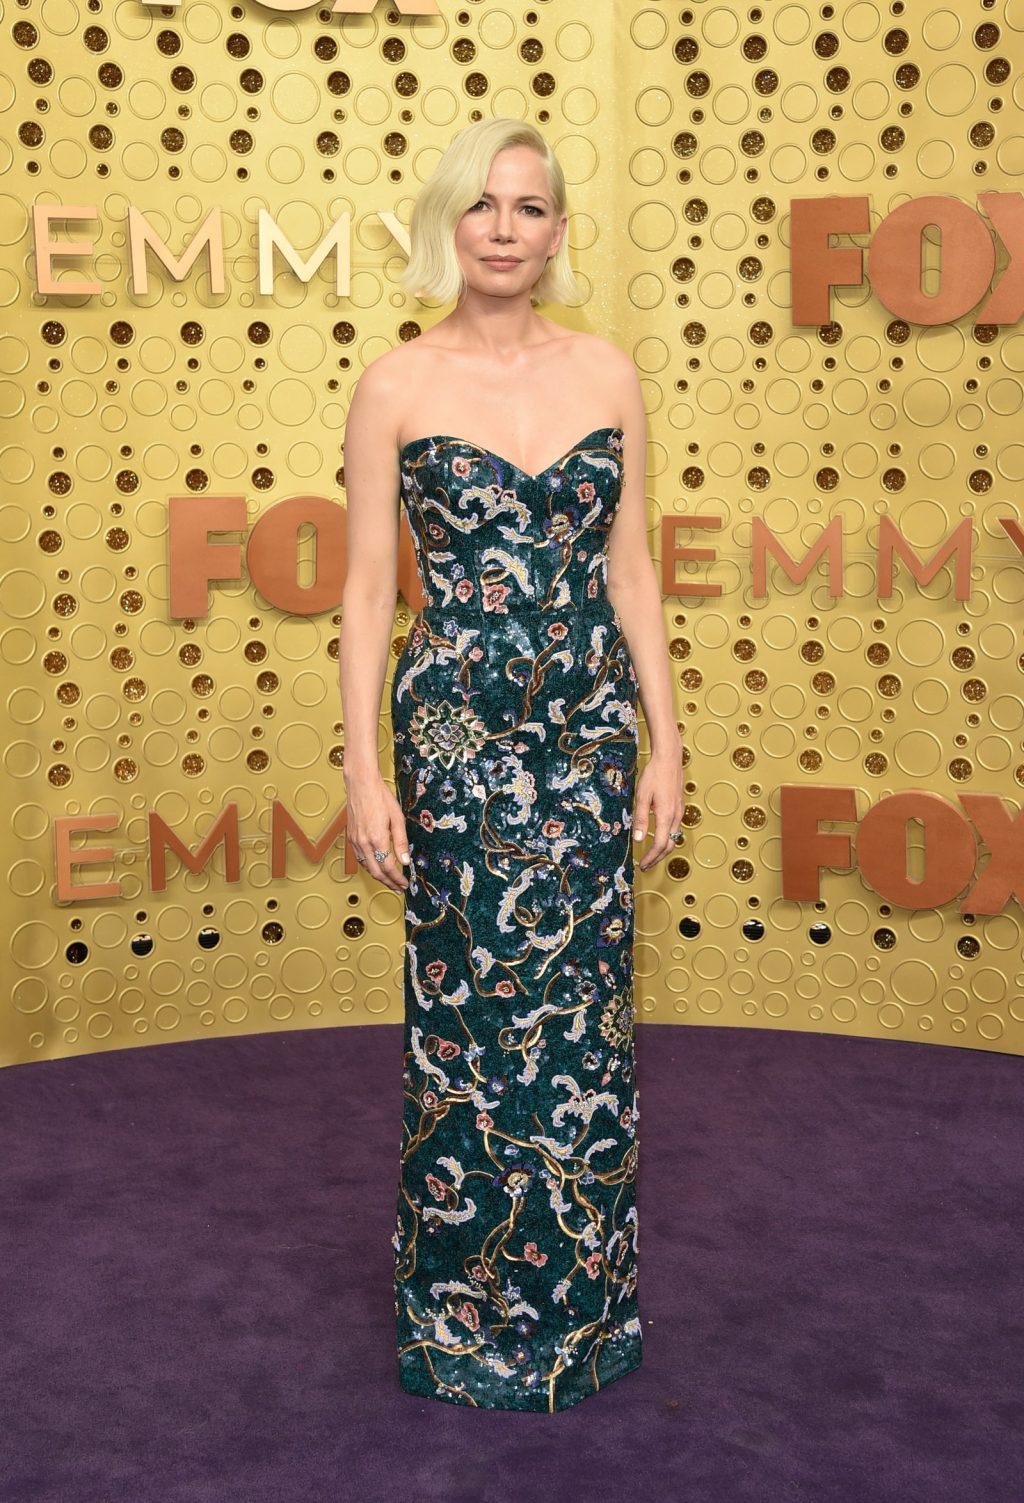 Michelle Williams trong thiết ké từ Louis Vuitton trên thảm đỏ lễ trao giải Emmy 2019